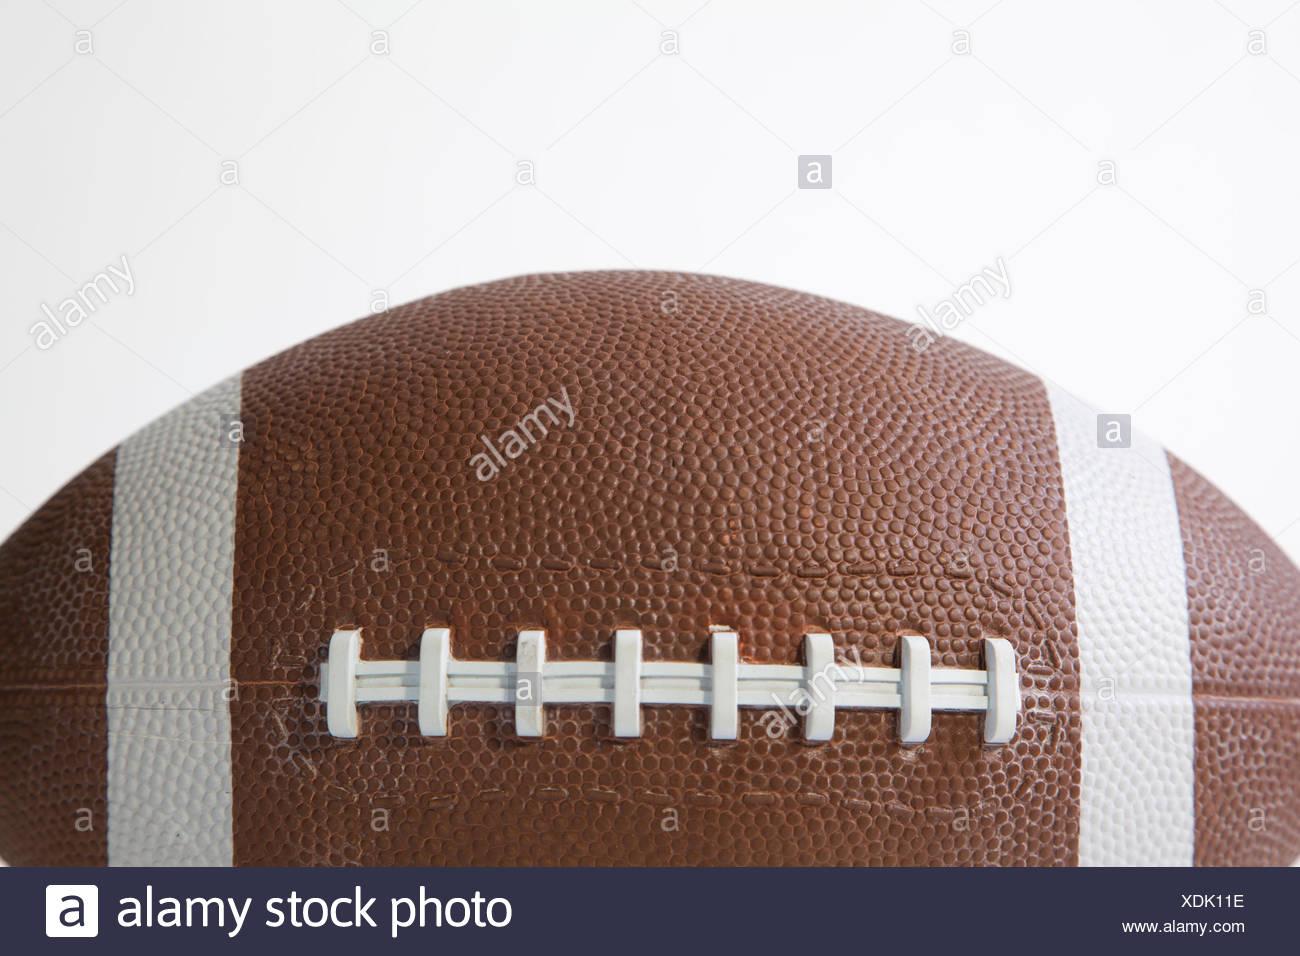 Cerca de un balón de fútbol americano Imagen De Stock